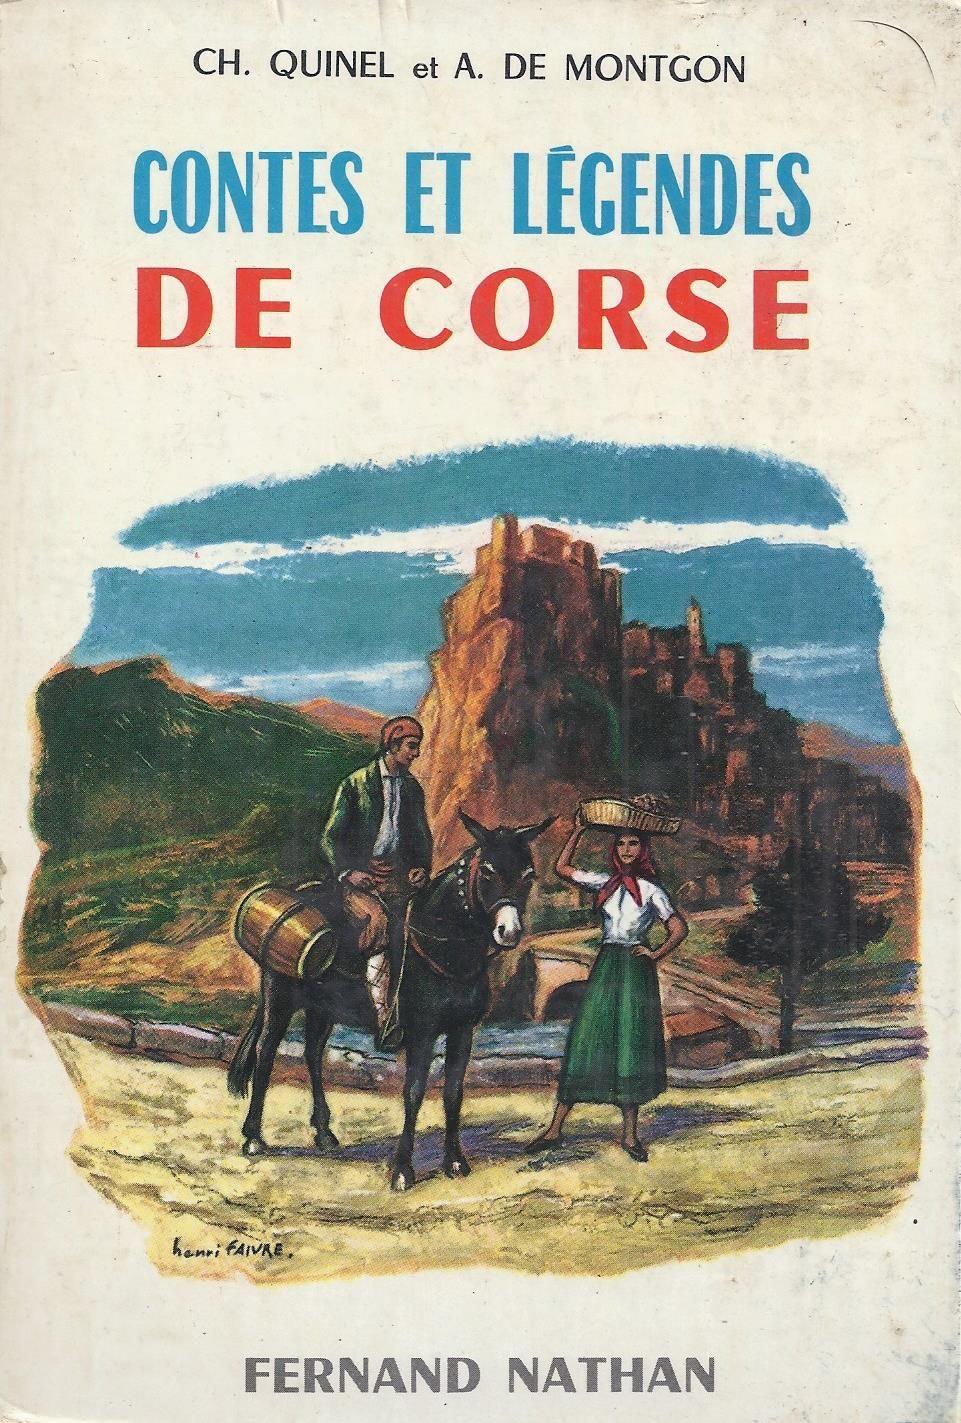 Ecole References Contes Et Legendes De Corse 1963 Contes Et Legendes Conte Legende